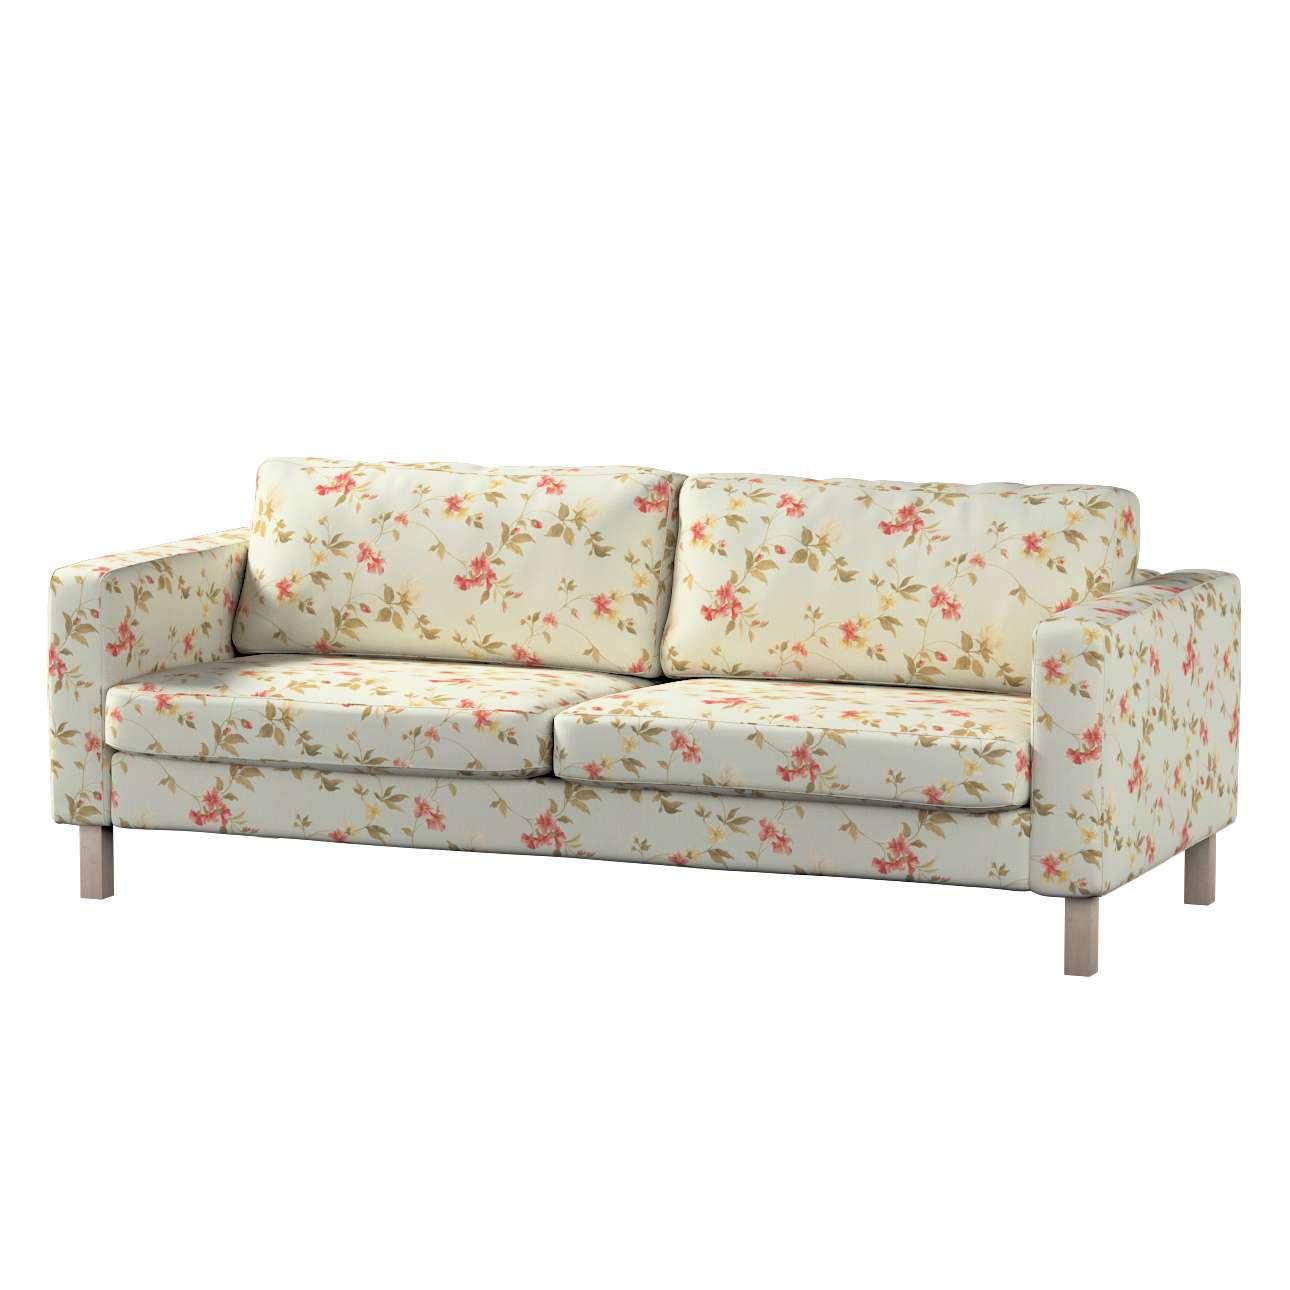 Pokrowiec na sofę Karlstad rozkładaną w kolekcji Londres, tkanina: 124-65